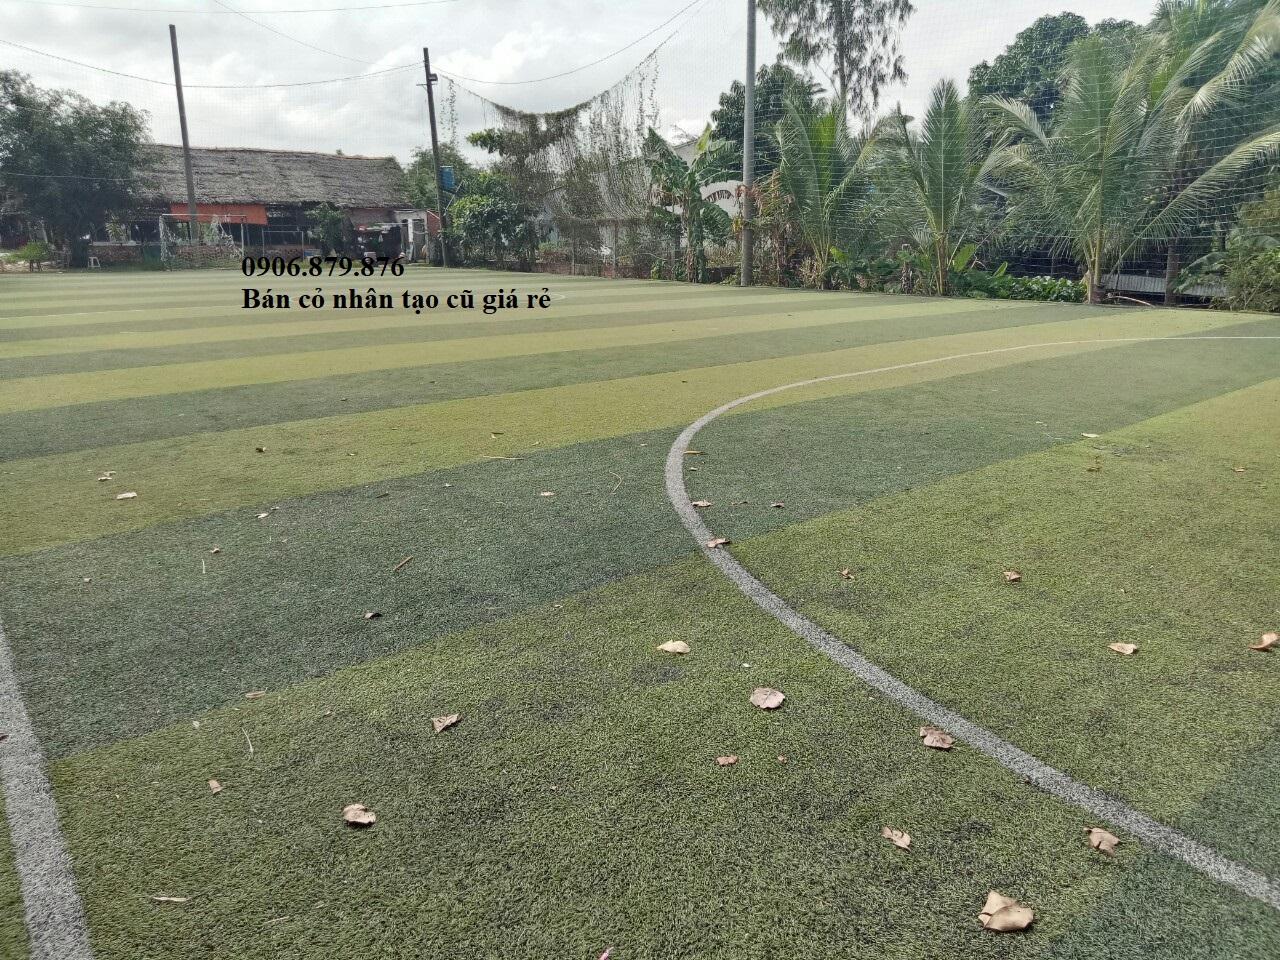 Thanh lý sân bóng đá mini, bán cỏ nhân tạo cũ giá rẻ. Cung cấp cỏ nhân tạo qua sử dụng